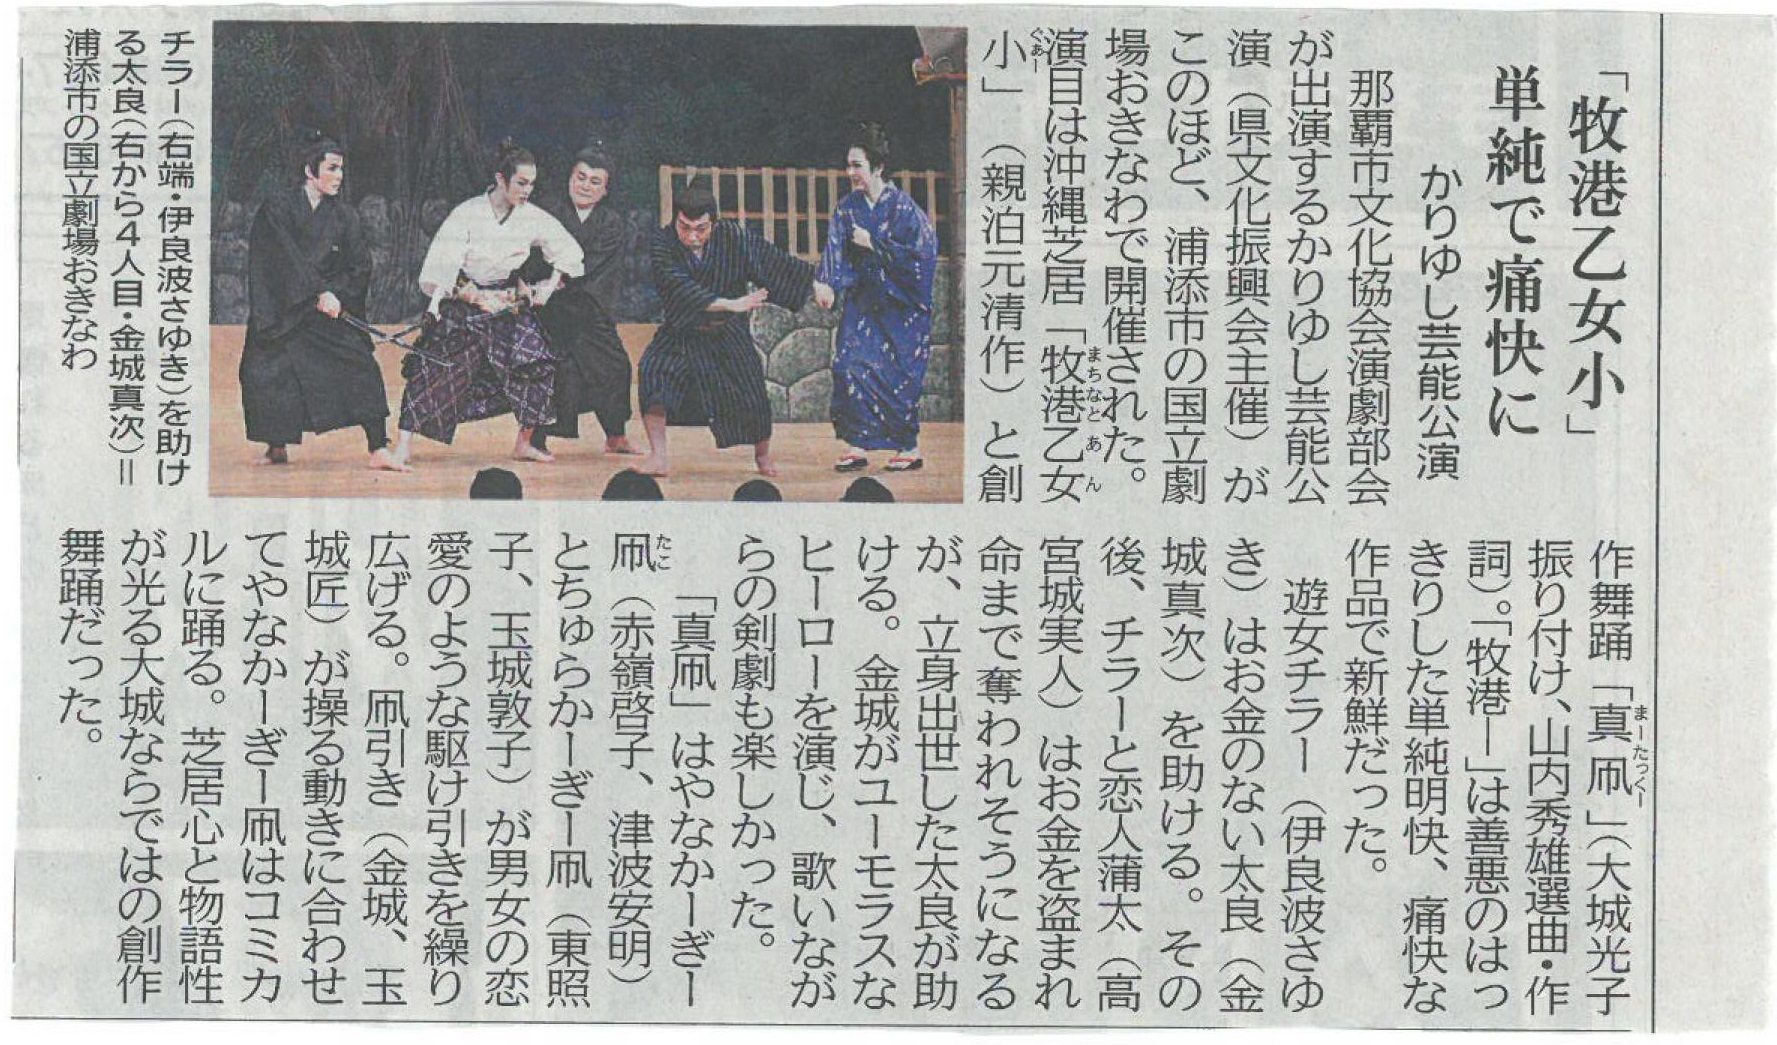 演劇 記事4